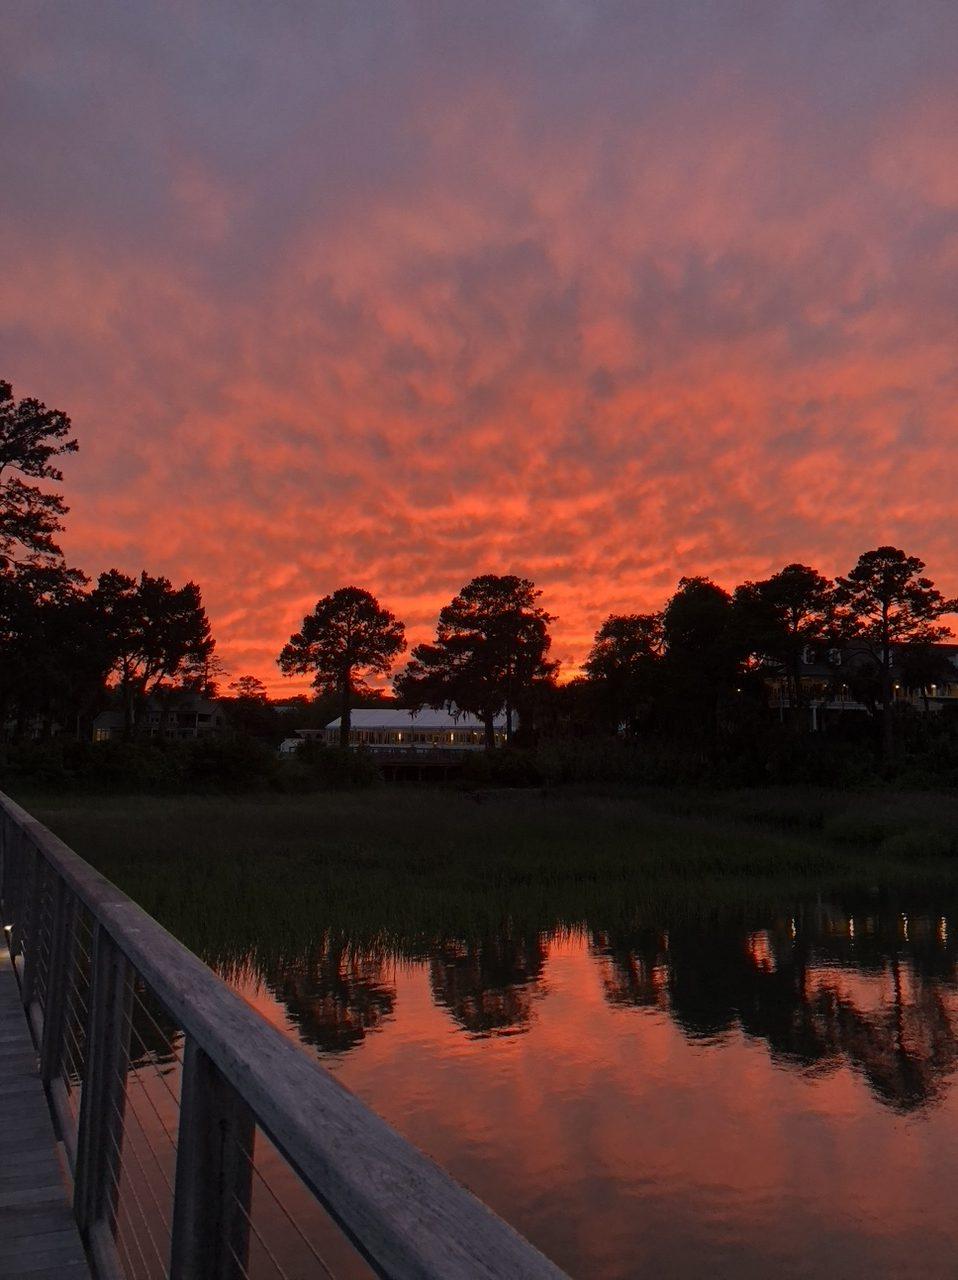 sunset Palmetto Bluff misscrystalblog